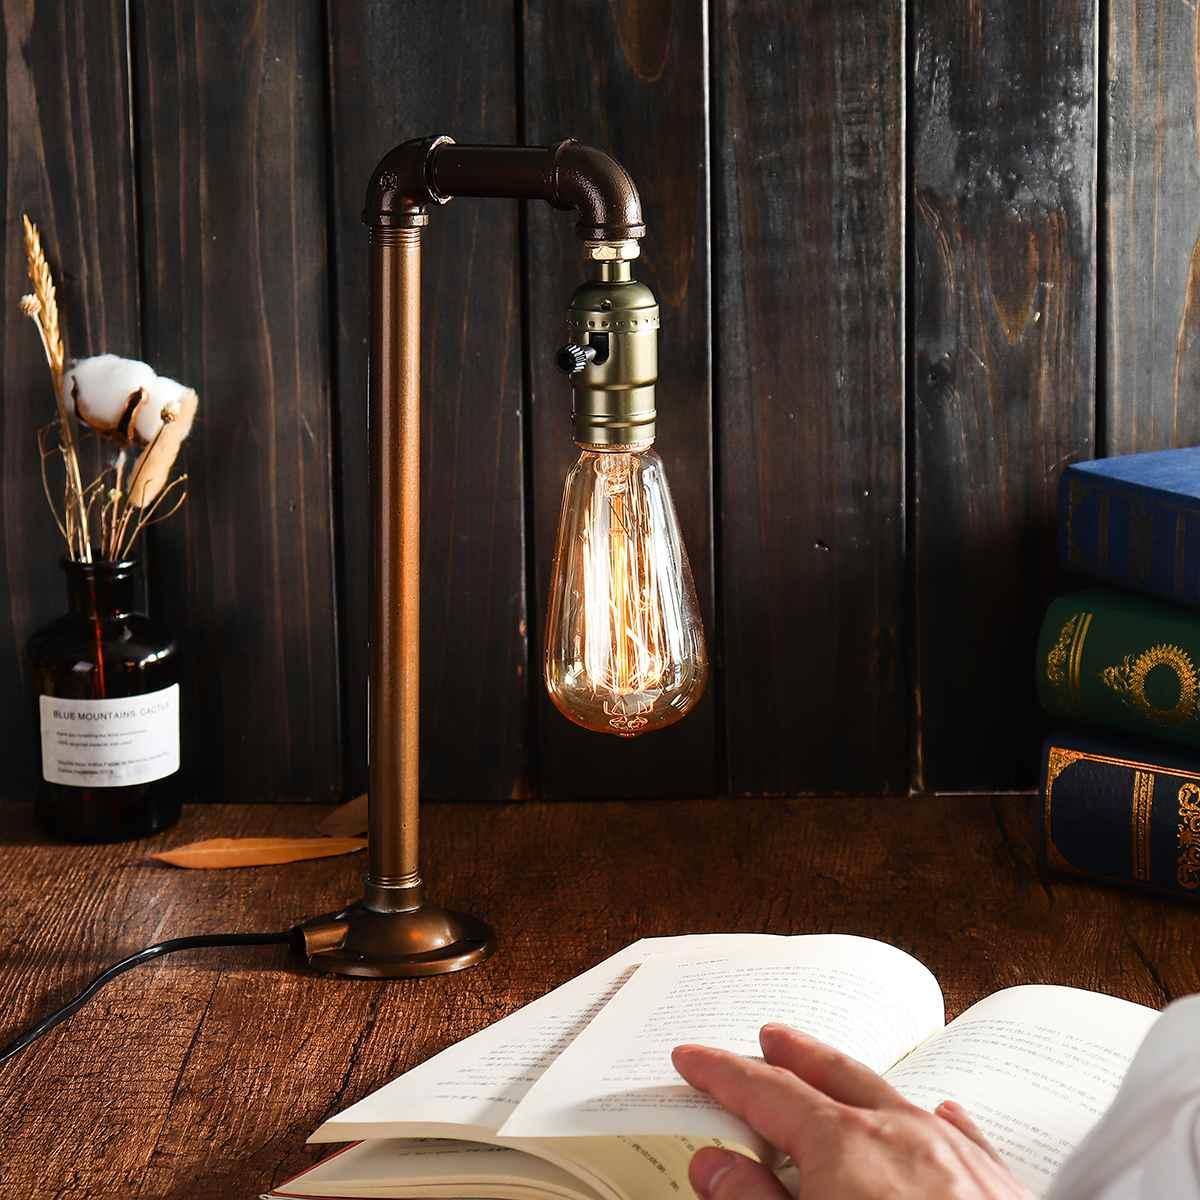 Tubo de agua lámpara de mesa Industrial E27 bombilla de luz Vintage lámpara de escritorio lámpara de lámpara accesorio de iluminación interior decoración del dormitorio del hogar